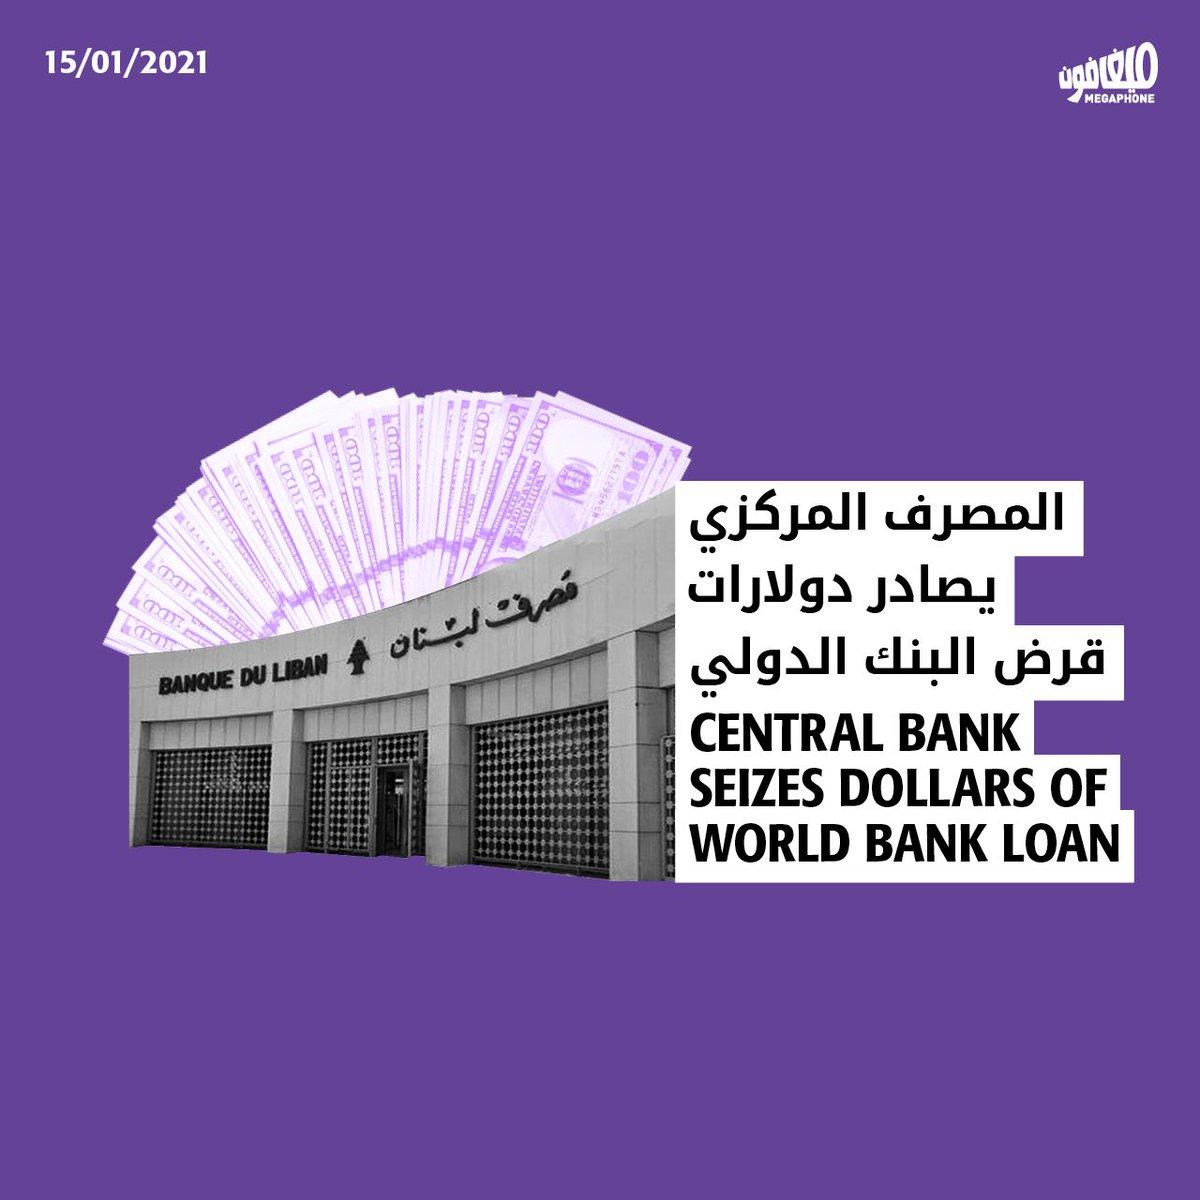 بعد موافقة البنك الدولي على منح قرض الـ246 مليون دولار للبنان، تبيّن أنّ الحكومة اللبنانية ستودع في المصرف المركزي البند الأول من القرض، أي الأموال المُفترَض توزيعها على المواطنين الأكثر فقراً، والبالغ قيمتها 204 ملايين دولار. 1/4